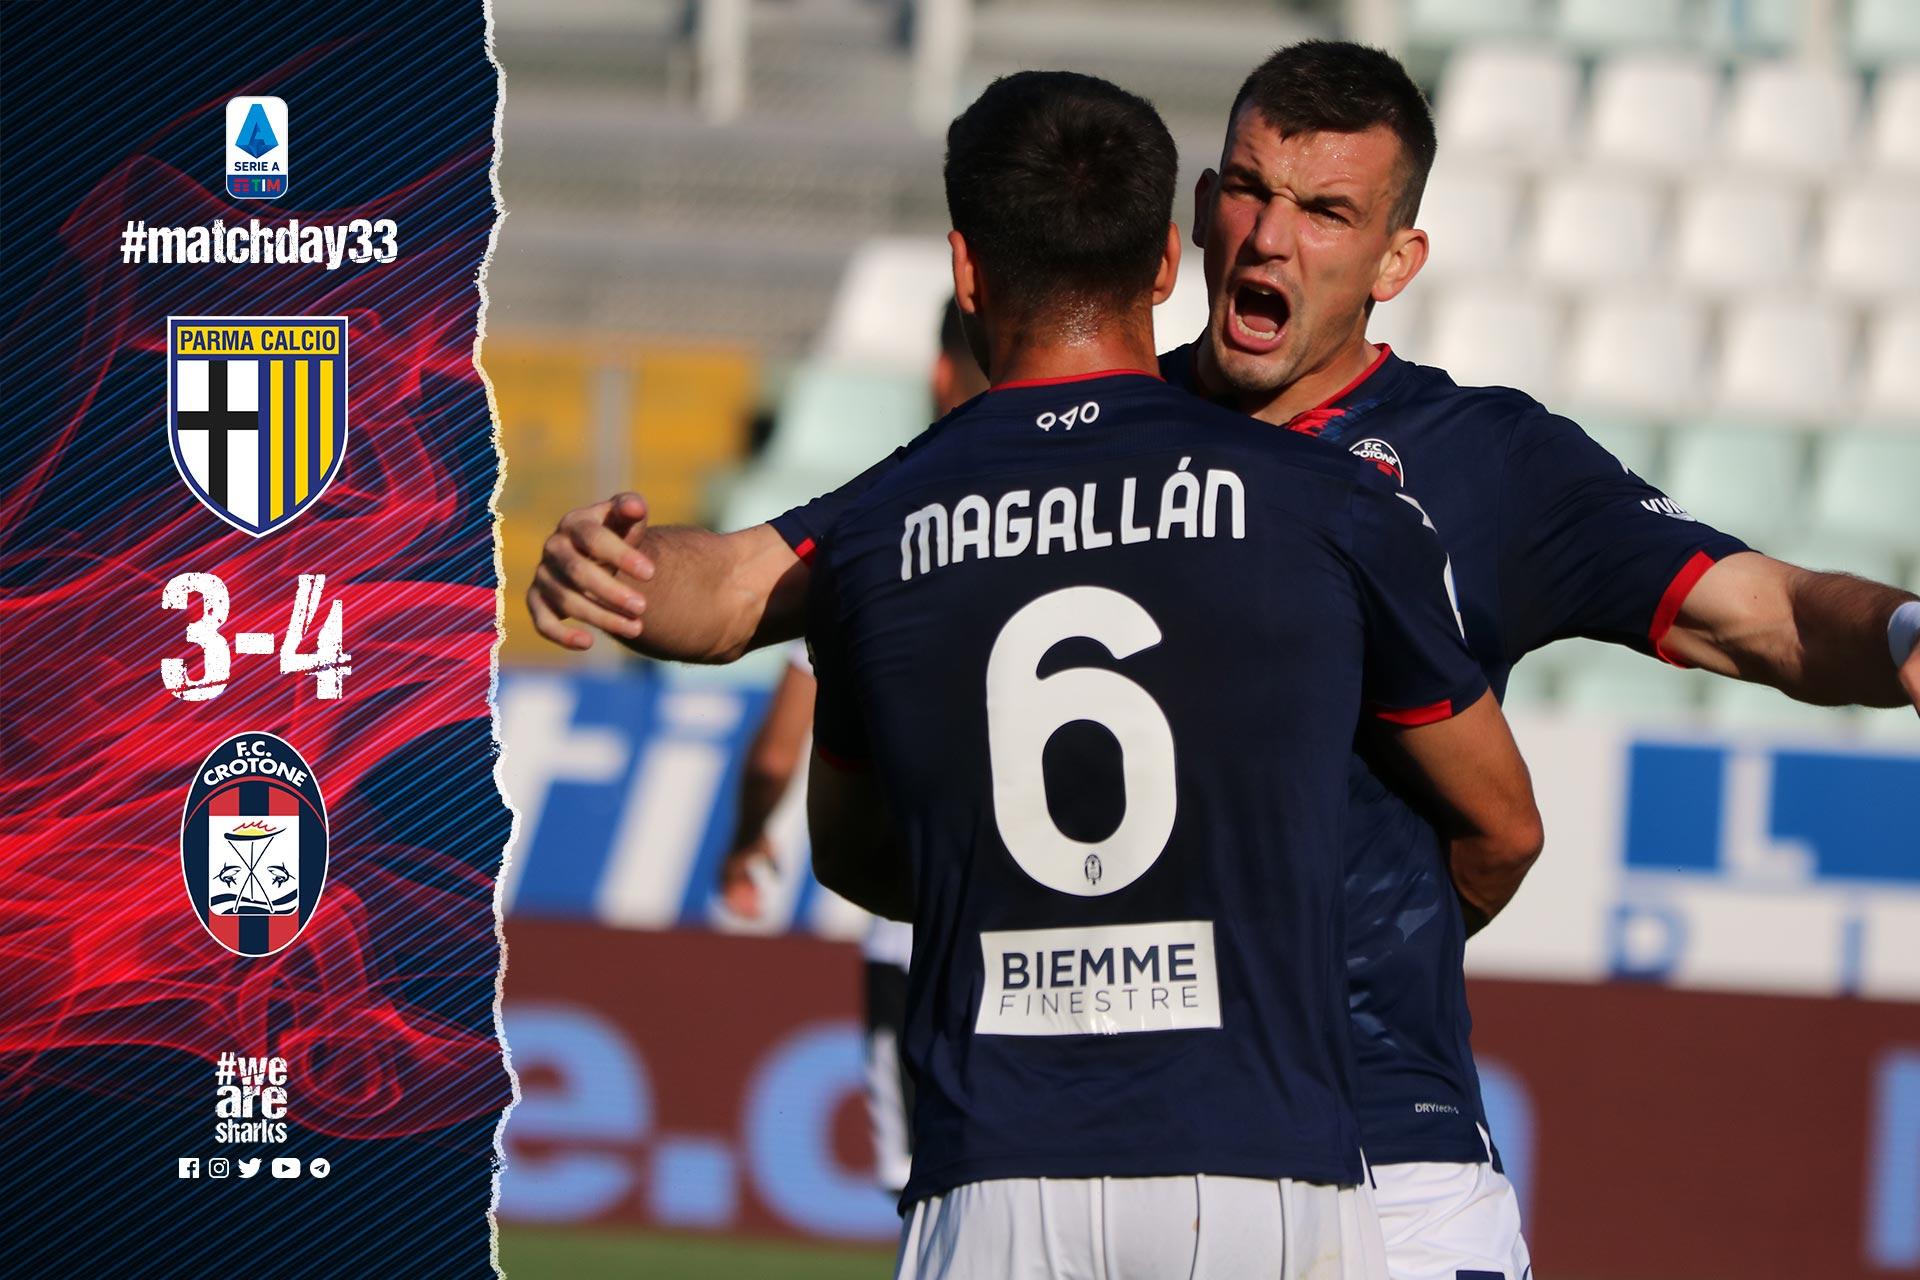 Serie A Tim, 33ª giornata: Parma-Crotone 3-4